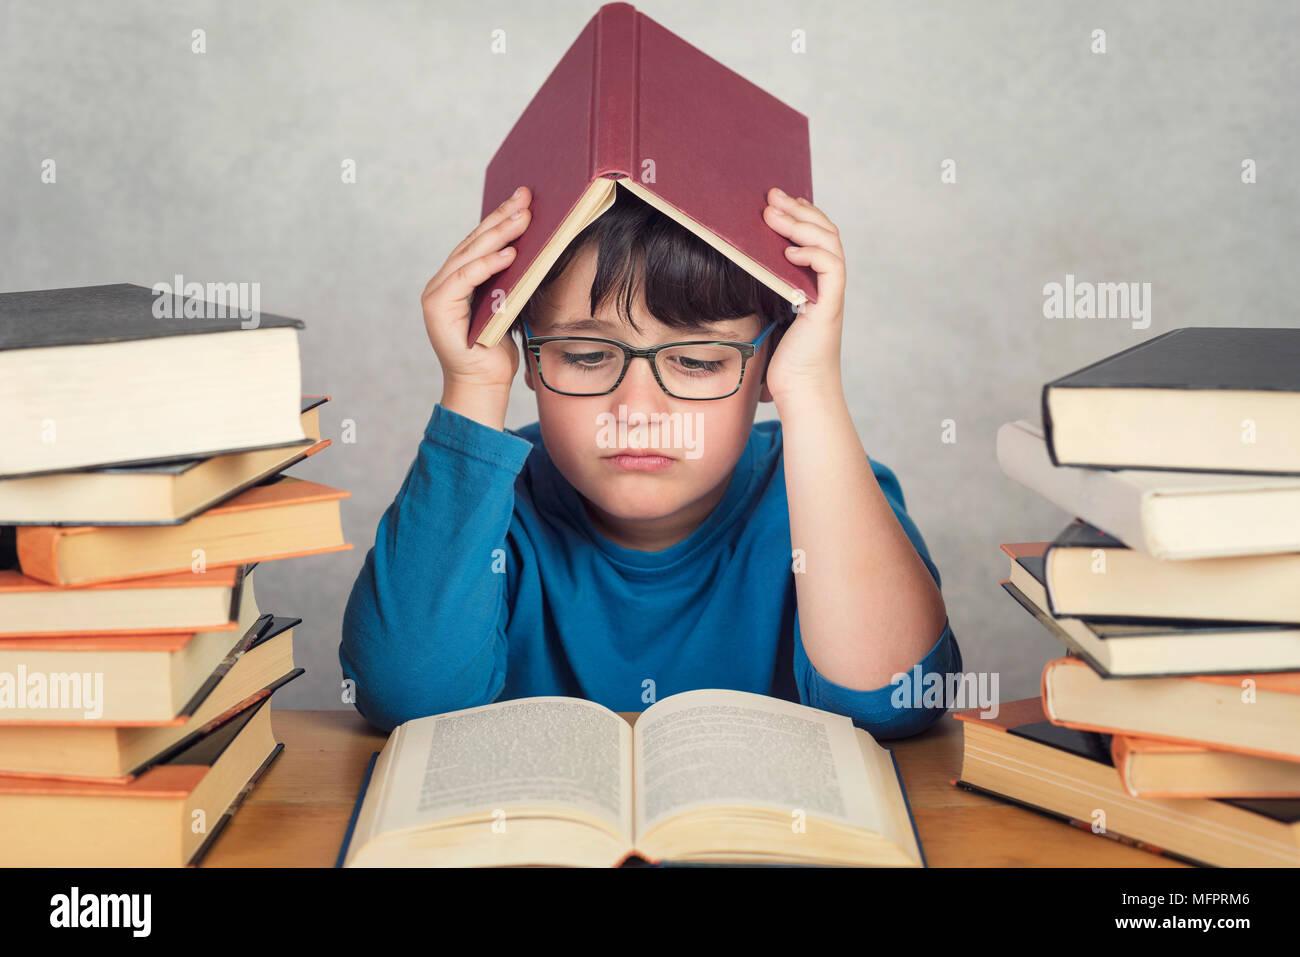 Triste y pensativo chico con libros sobre una mesa Imagen De Stock